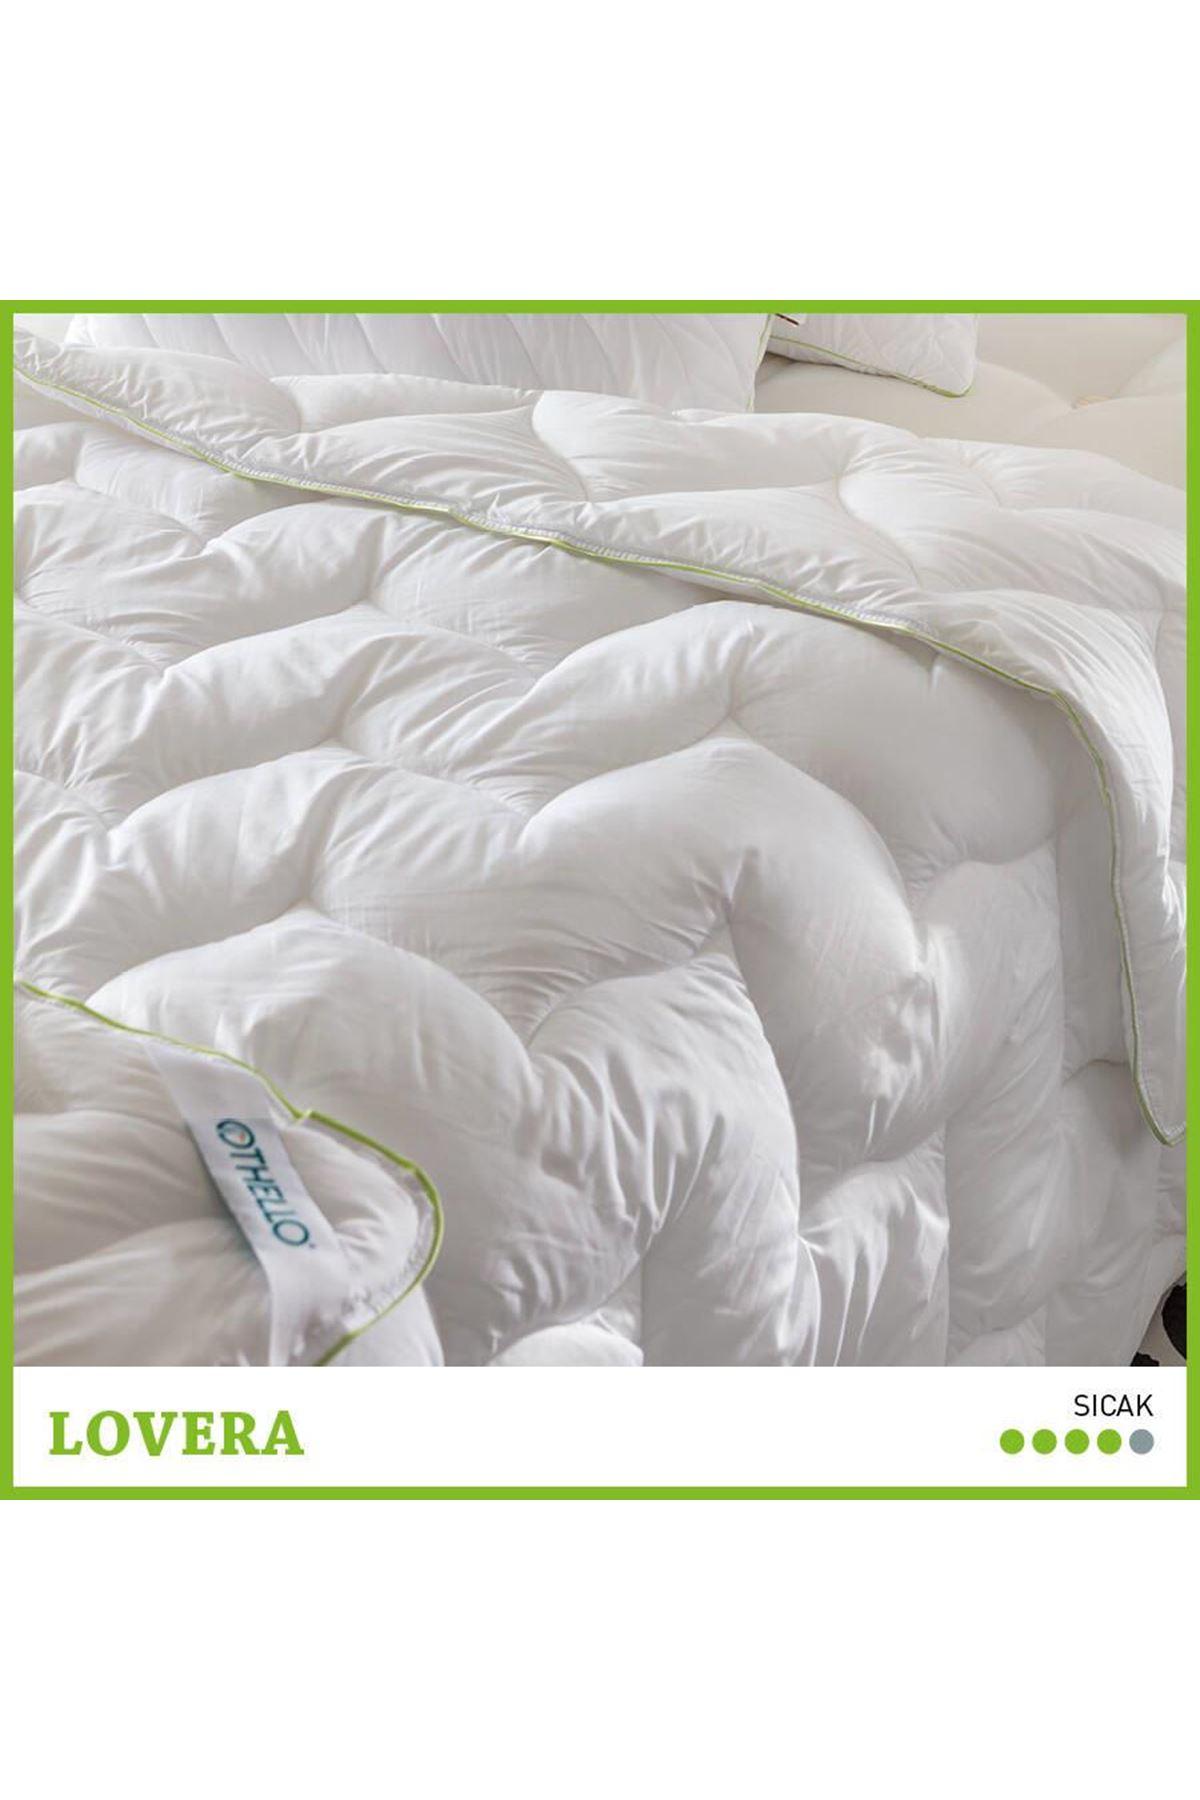 Othello Elegante Lovera Aloe Veralı Yorgan 155x215